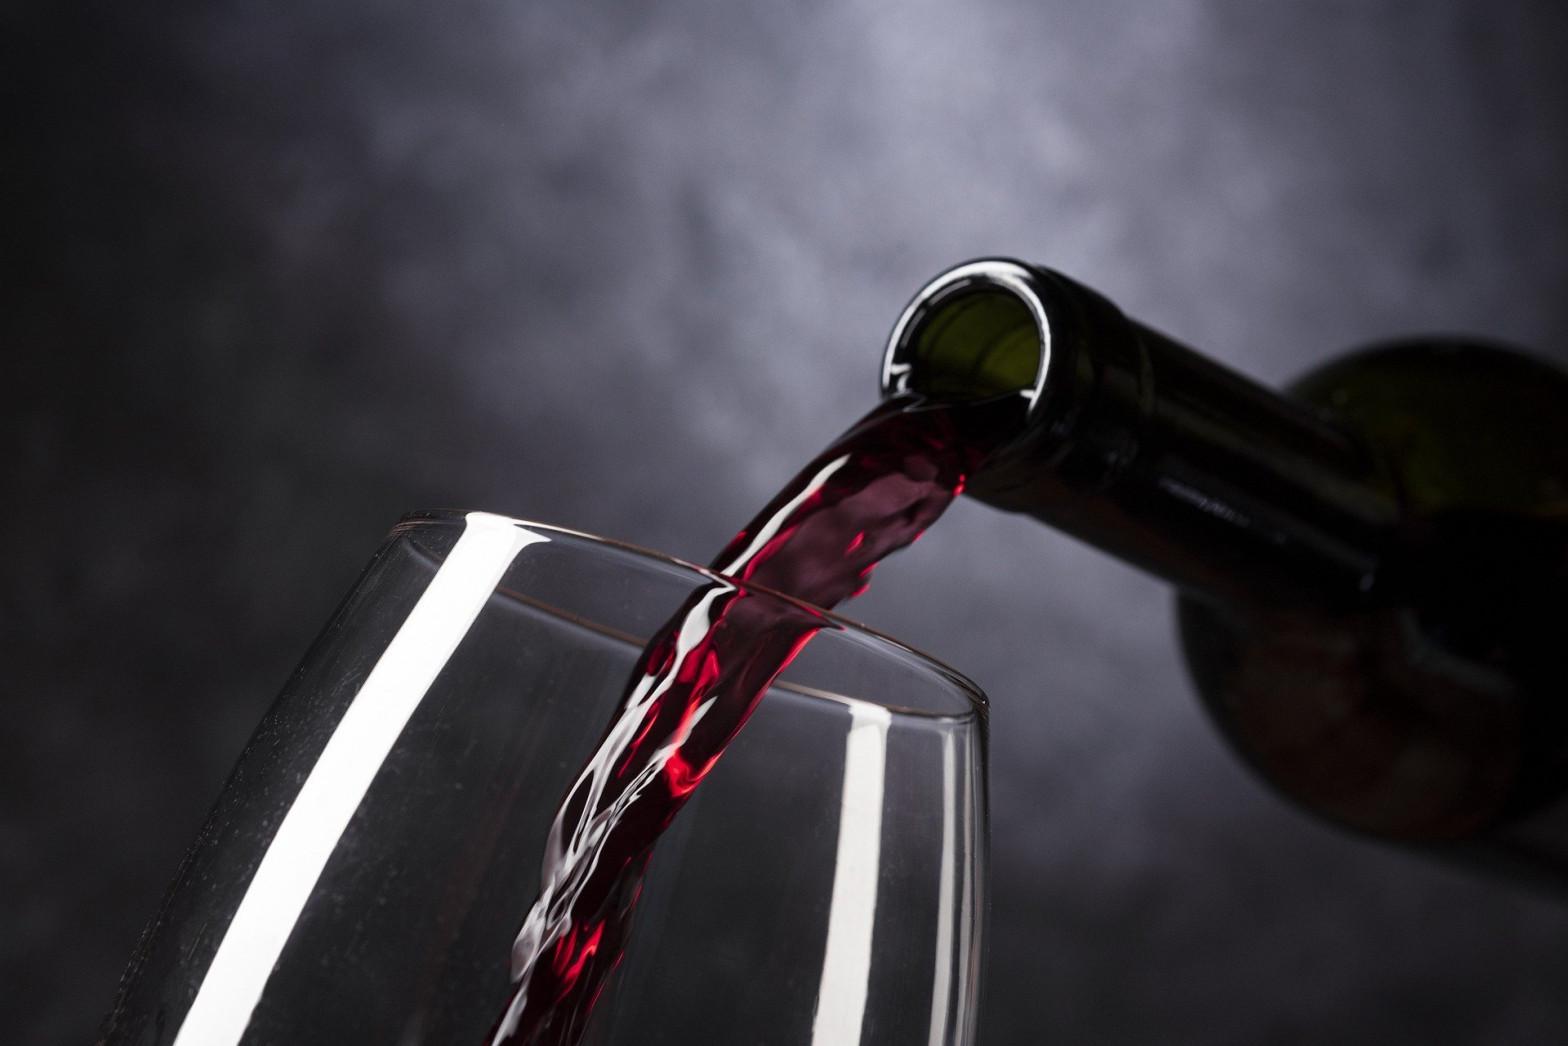 Cuatro apuestas seguras para disfrutar de una buena copa de vino tinto